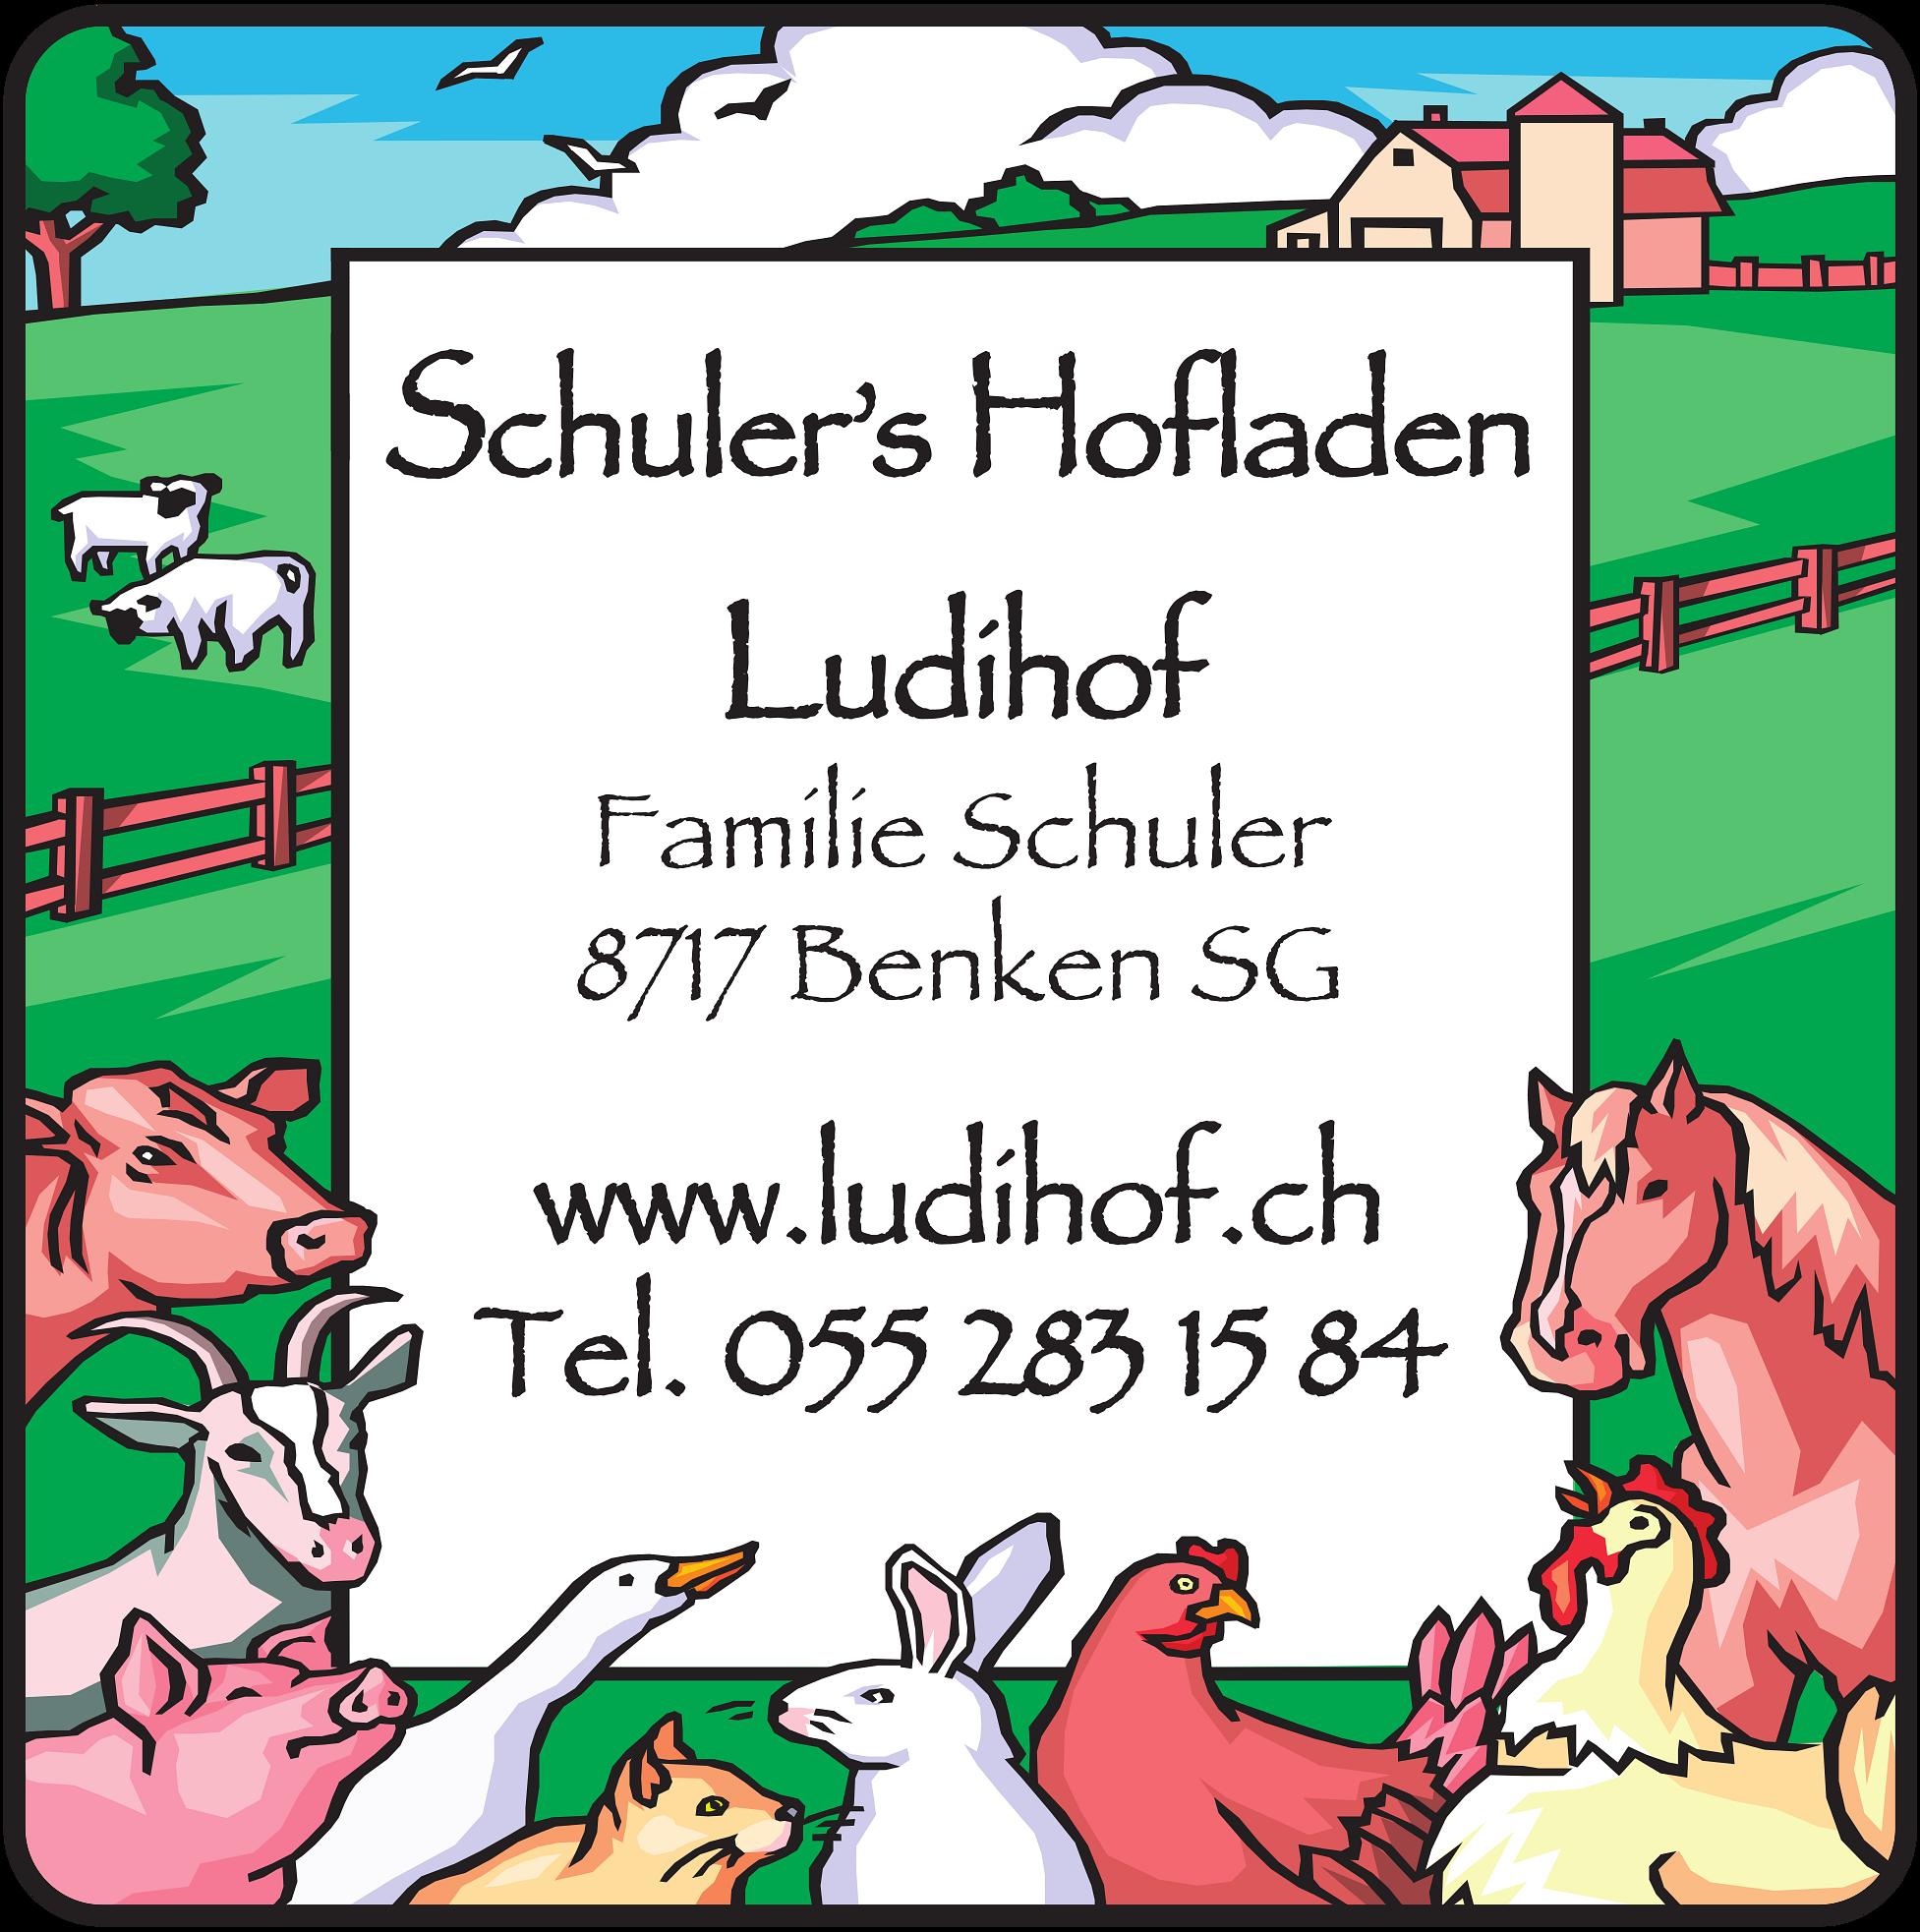 Schulers Hofladen